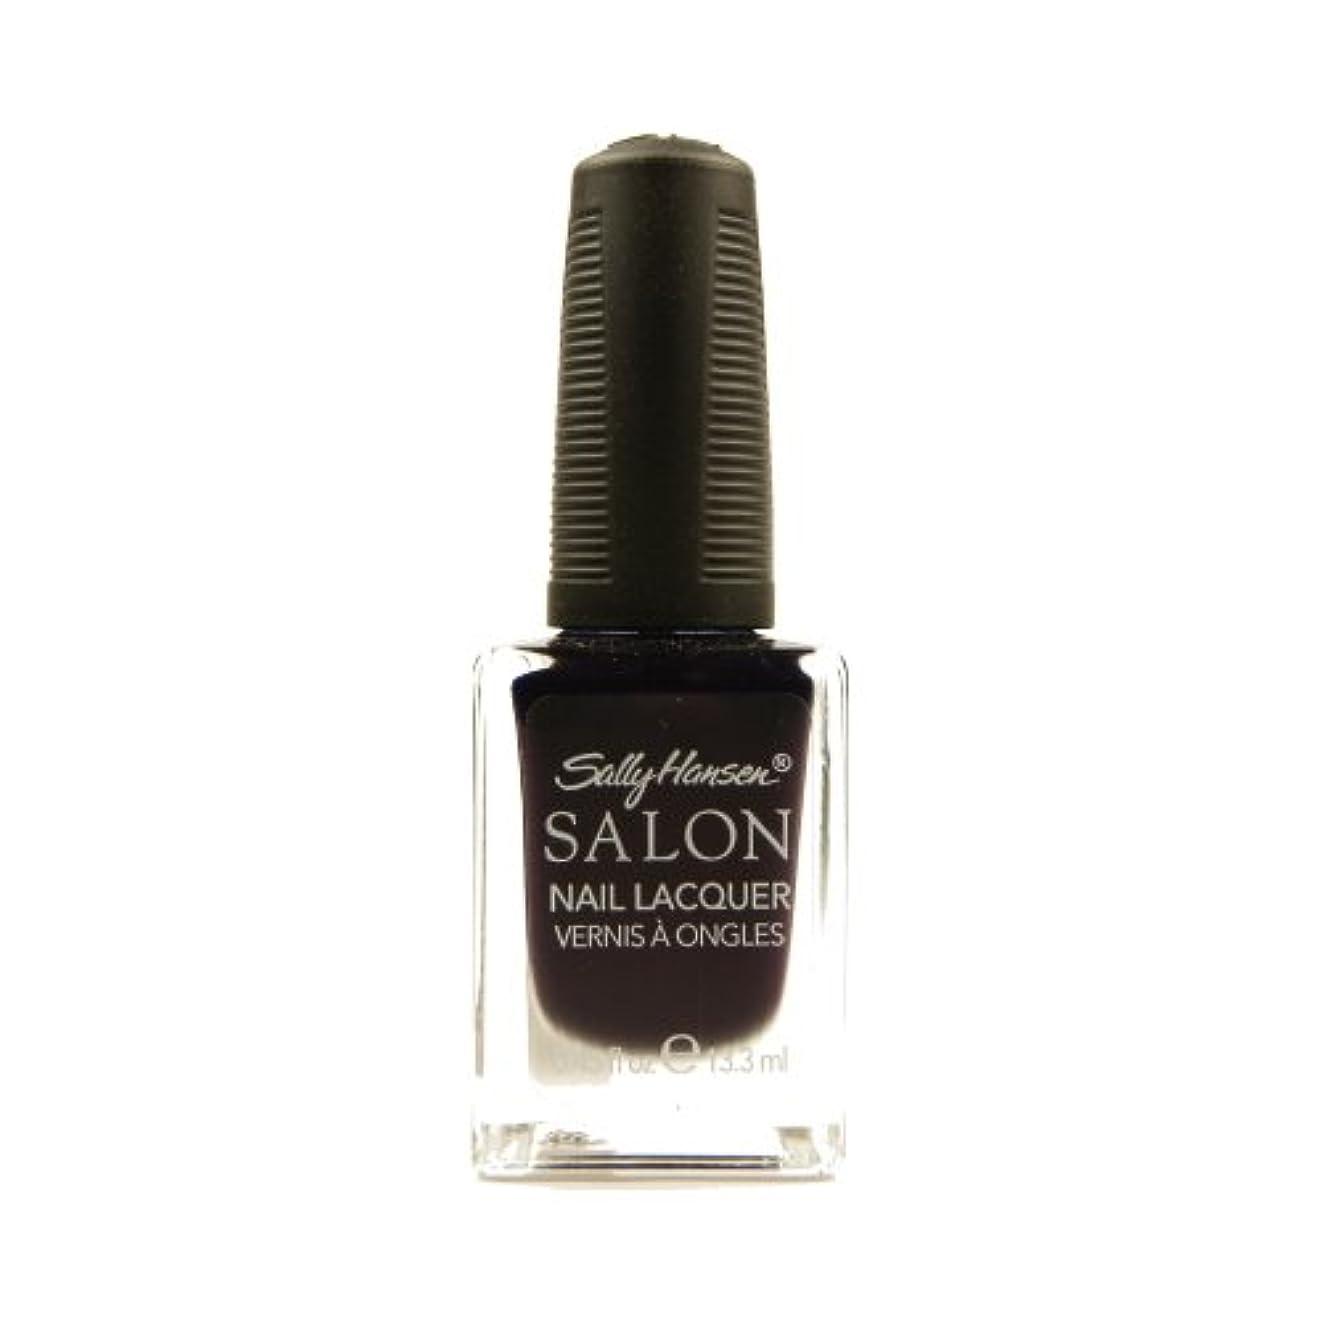 はしご水平バットSALLY HANSEN Salon Nail Lacquer 4134 - The Deepest of Violets (並行輸入品)